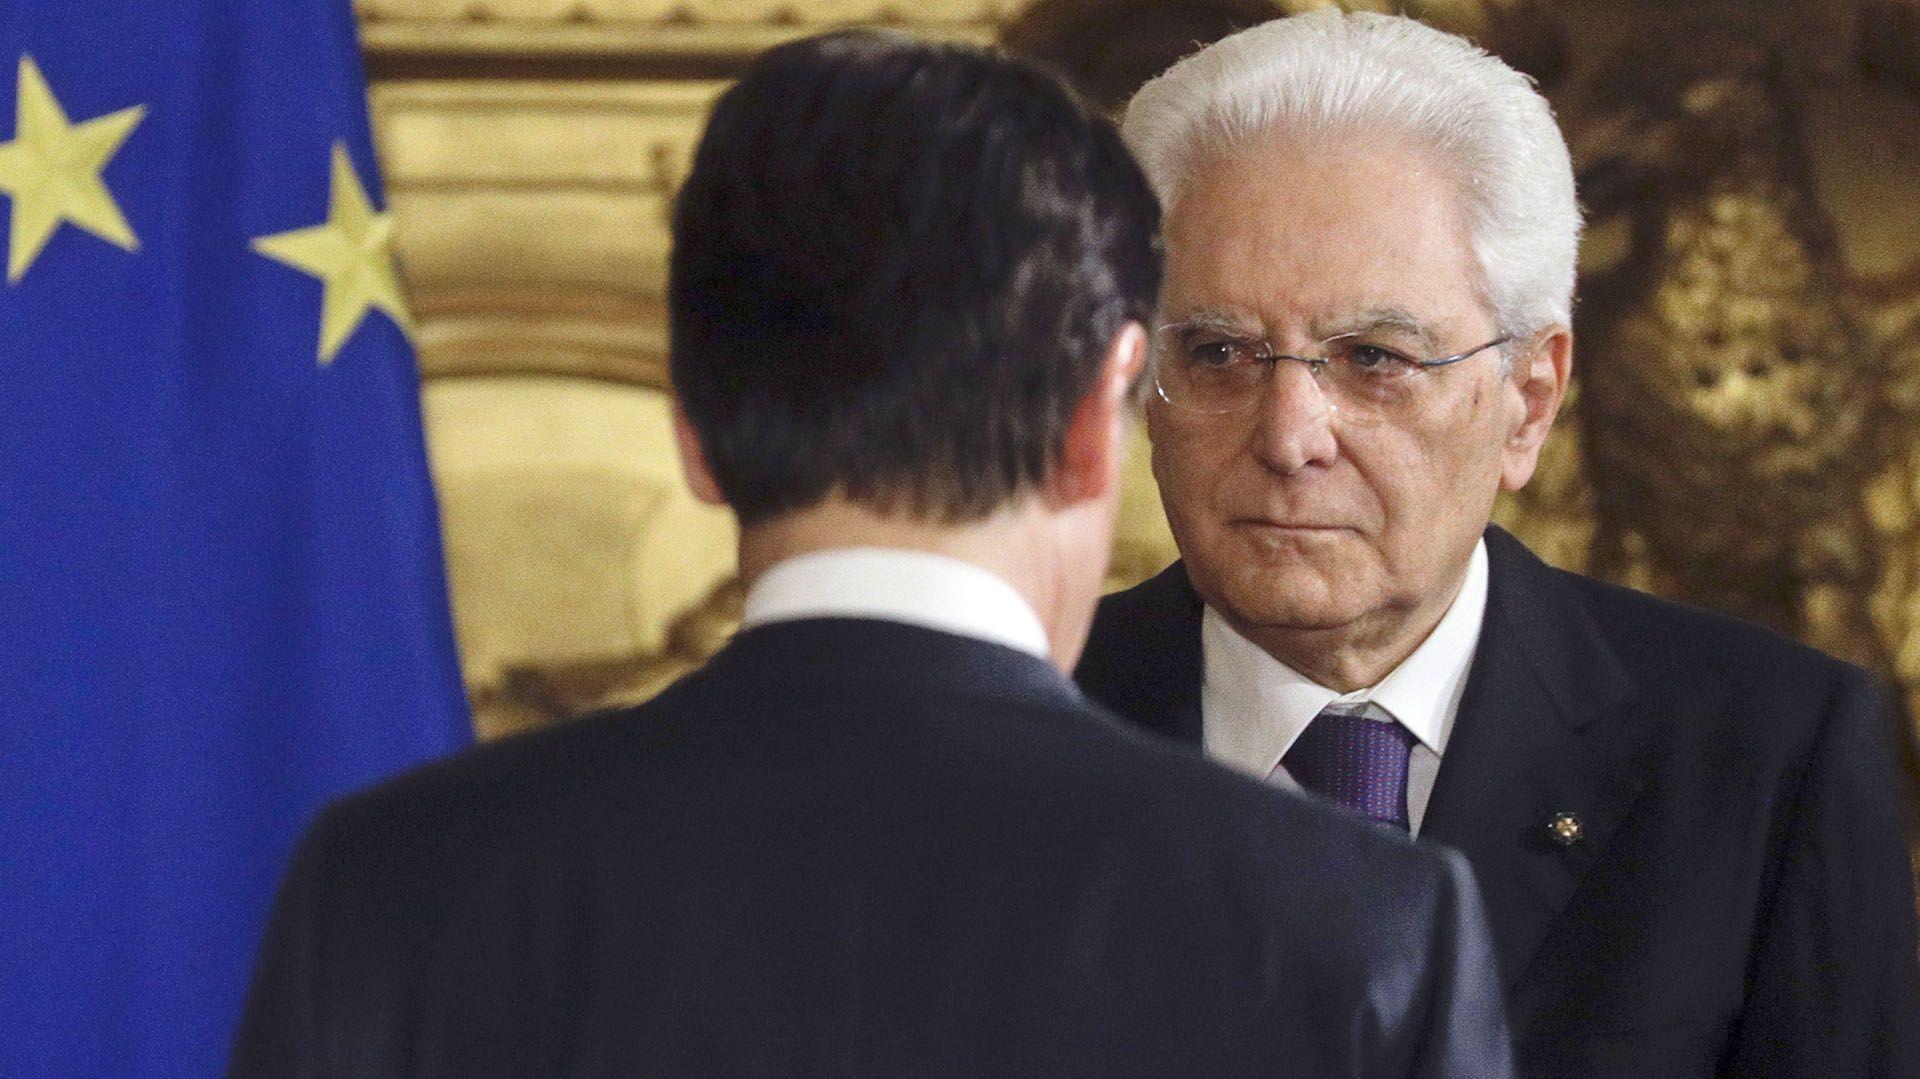 El presidente de Italia, Sergio Mattarella, a la derecha, frente al ex primer ministro Giuseppe Conte, cuando este tomaba posesión del cargo en el Palacio Presidencial del Quirinale de Roma, el 1 de junio de 2018 (Foto AP/Gregorio Borgia)